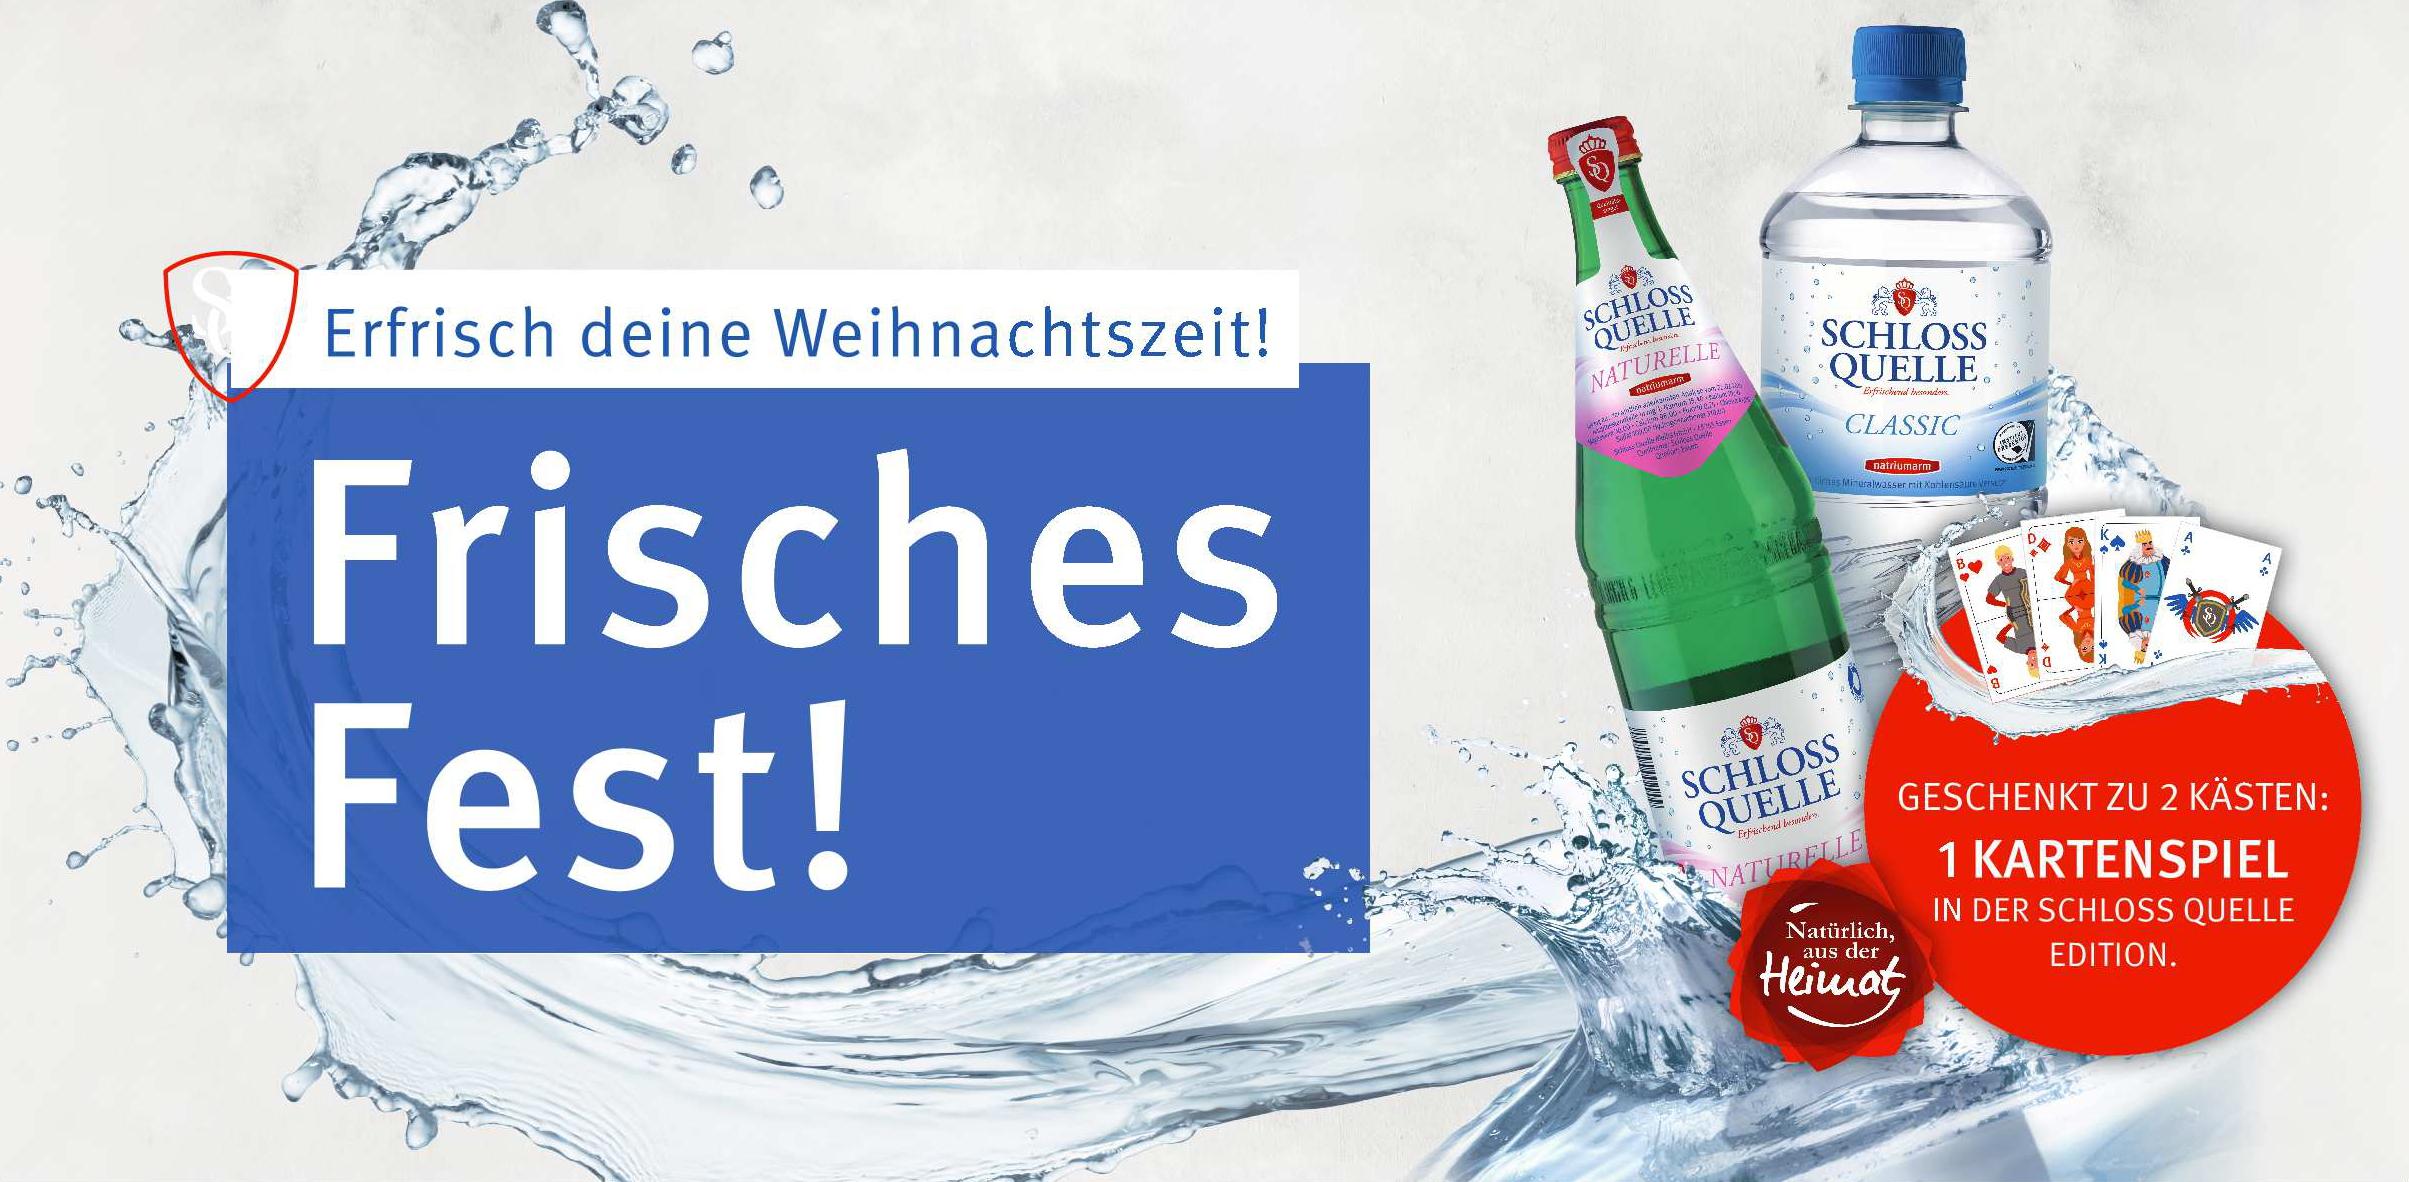 Schlossquelle W-p1